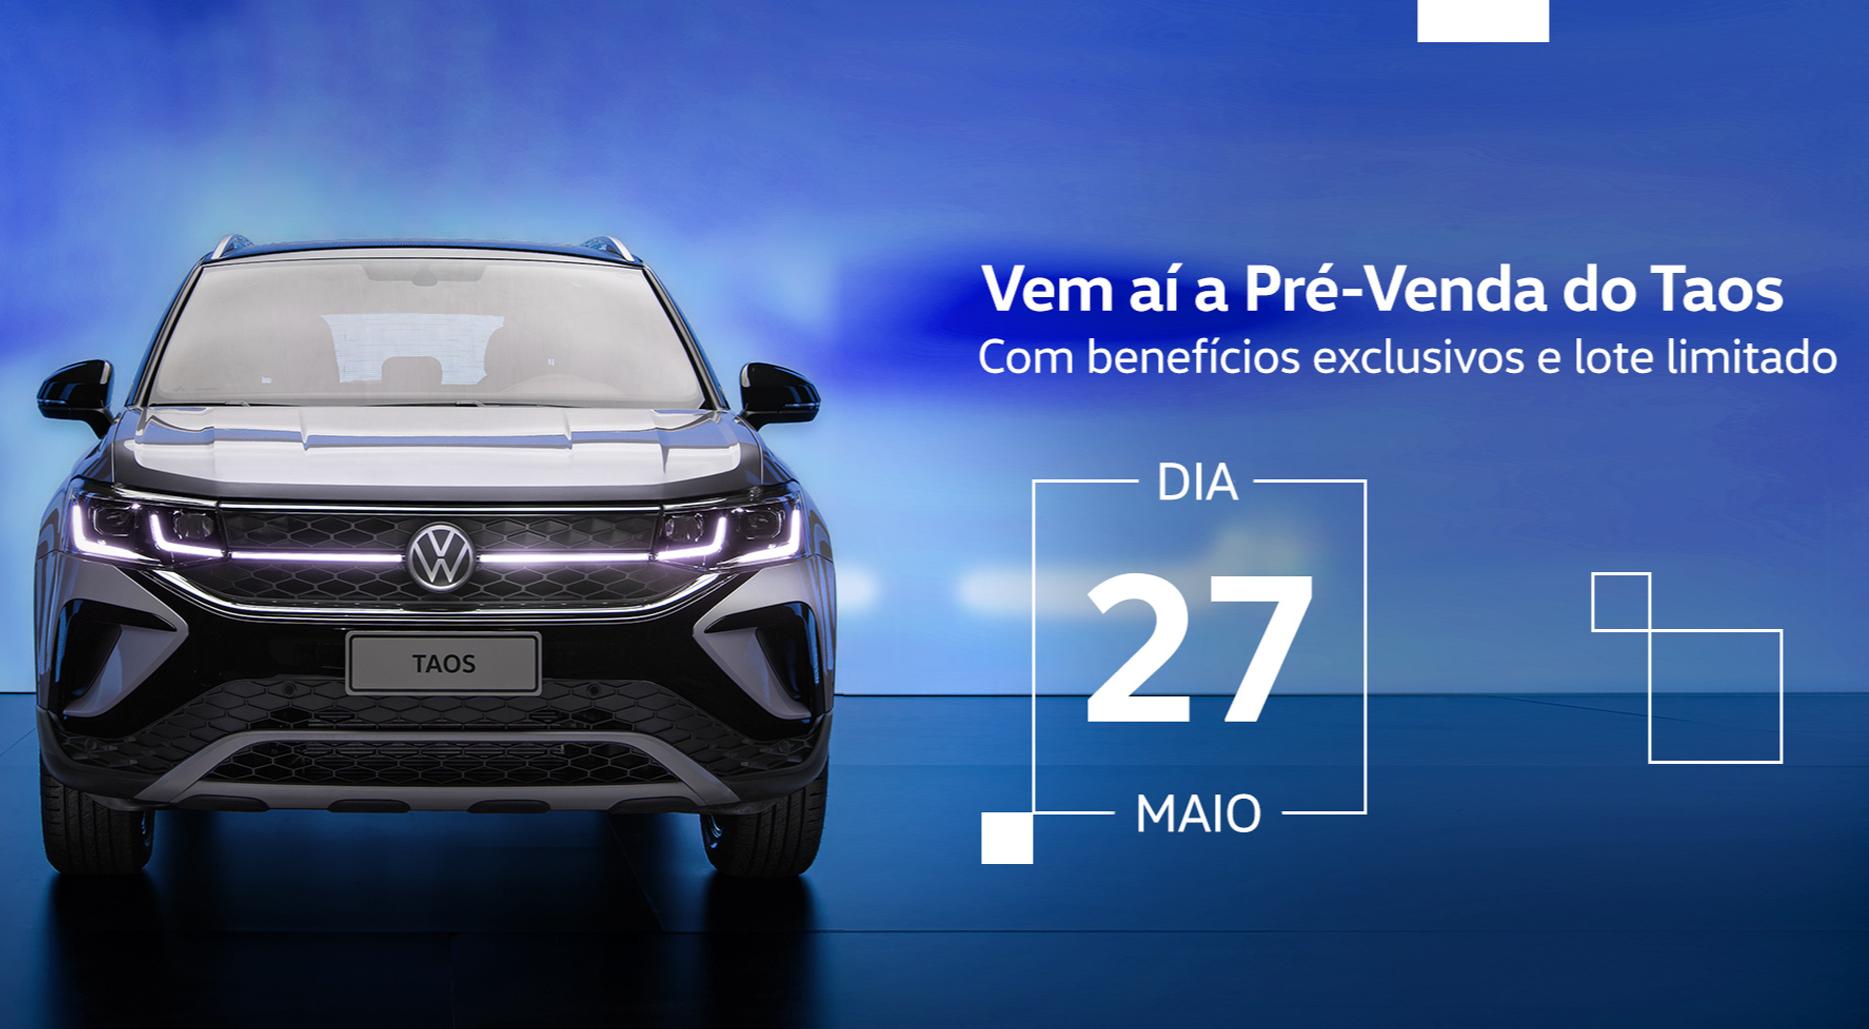 VW do Brasil abre pré-venda do Taos no dia 27/5